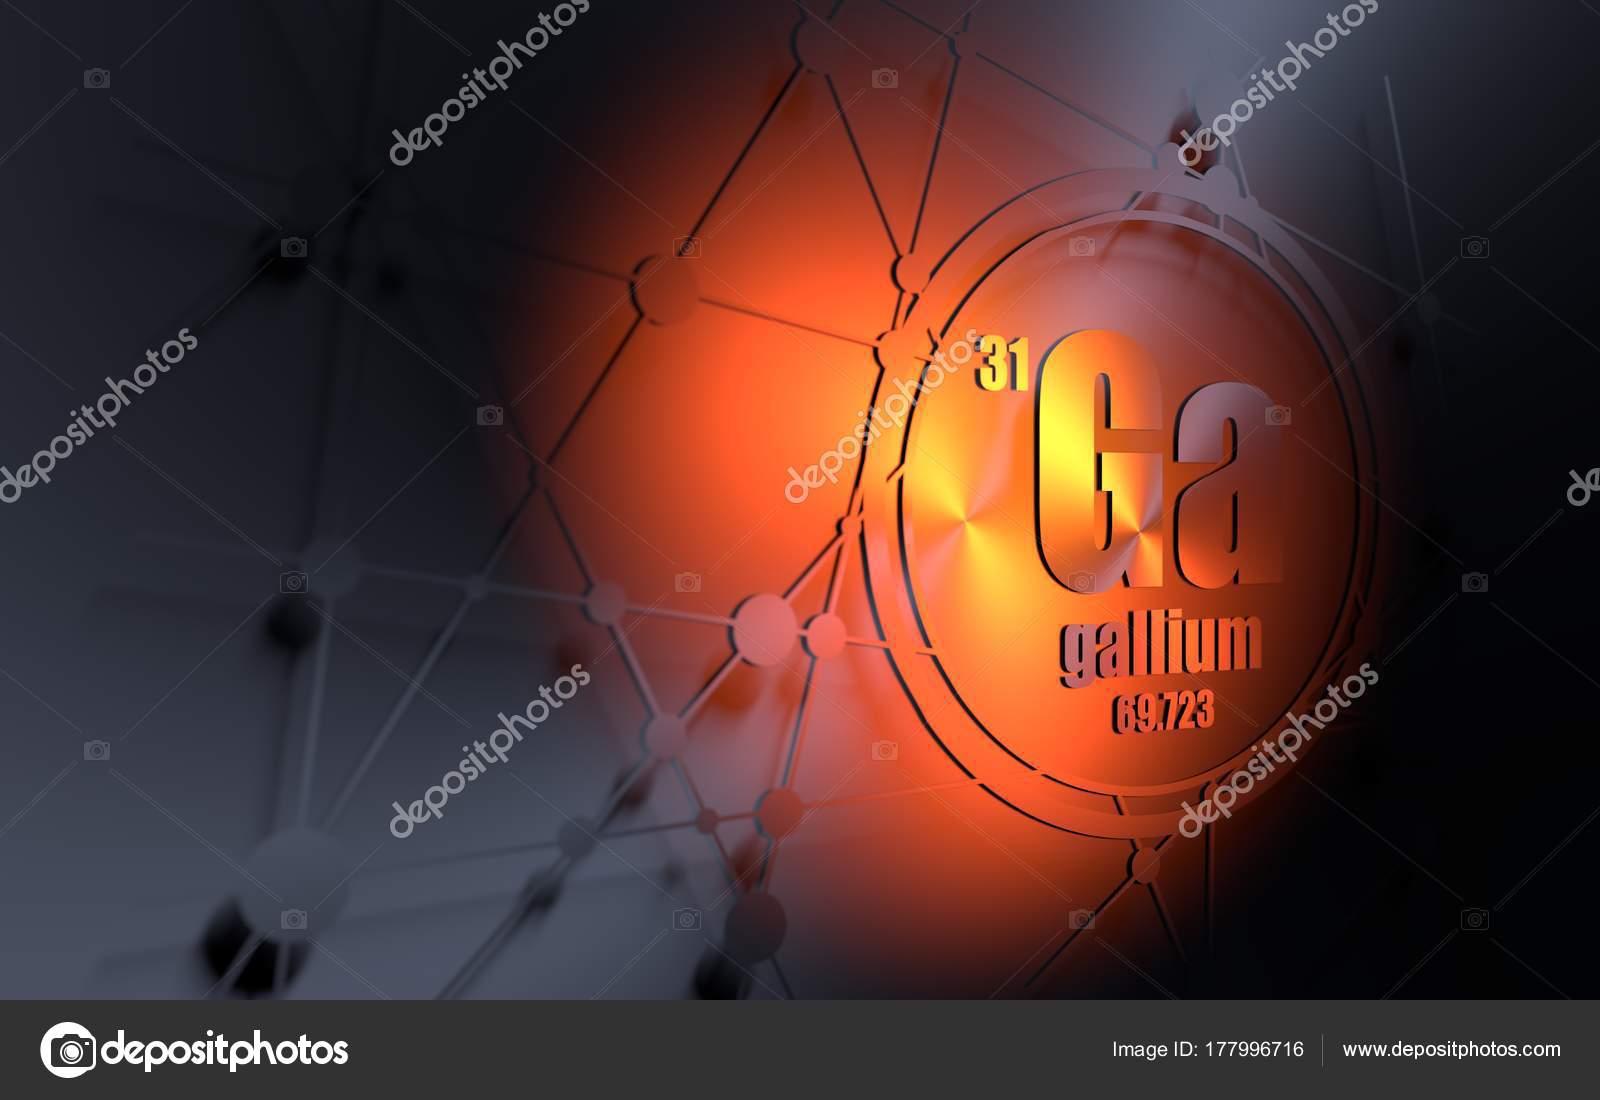 Elemento qumico galio foto de stock jegasra 177996716 elemento qumico del galio firmar con el nmero atmico y peso atmico elemento qumico de tabla peridica fondo de molcula y de la comunicacin urtaz Choice Image